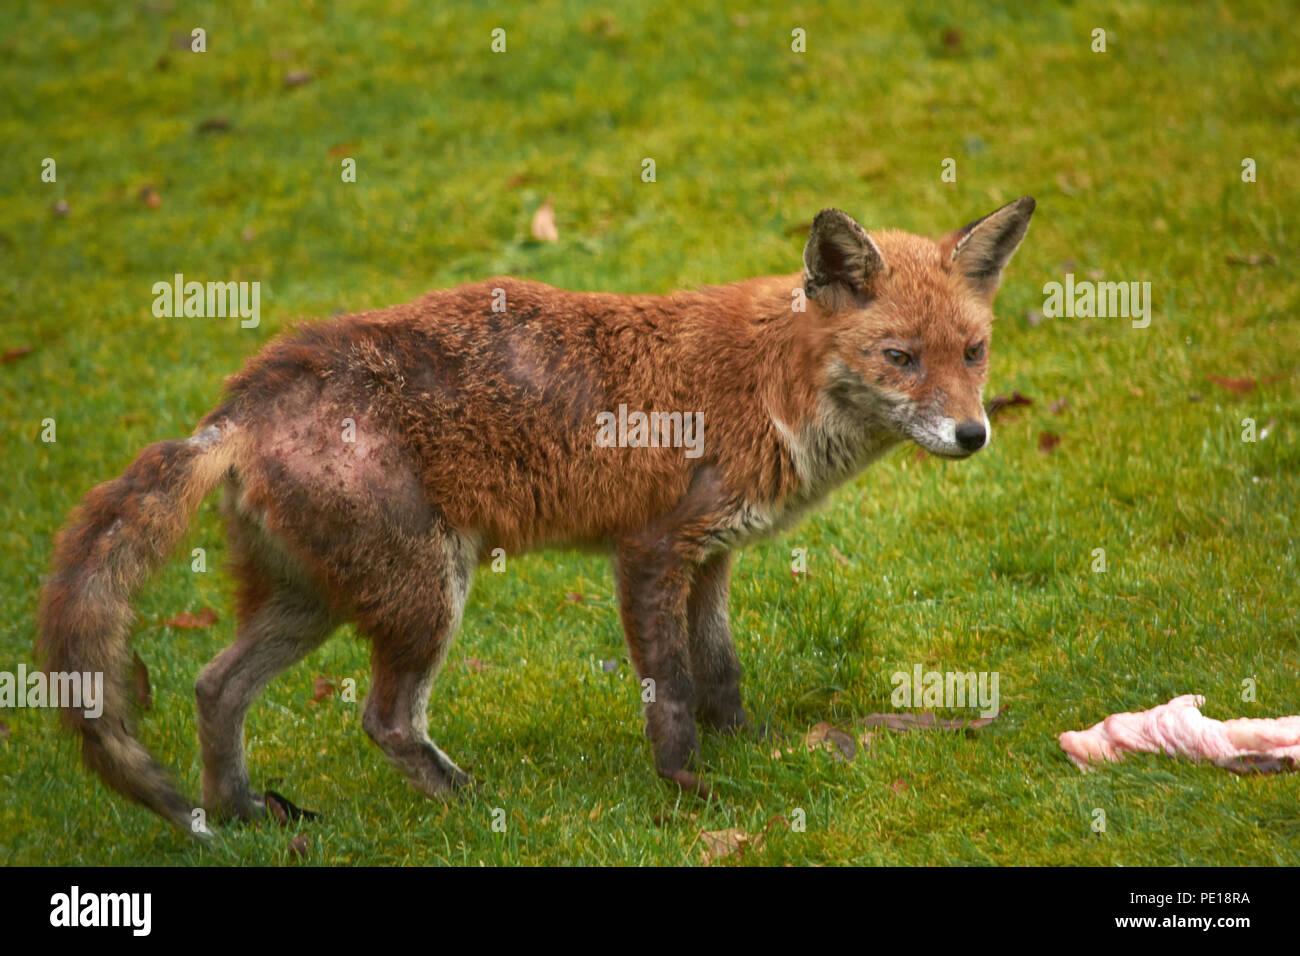 Charmant Urban Wilden Fuchs Im Garten, Fox, Kranken Tier, Wild Animal, Fuchs Mit Der  Haut Problem,, Hungrigen Fuchs